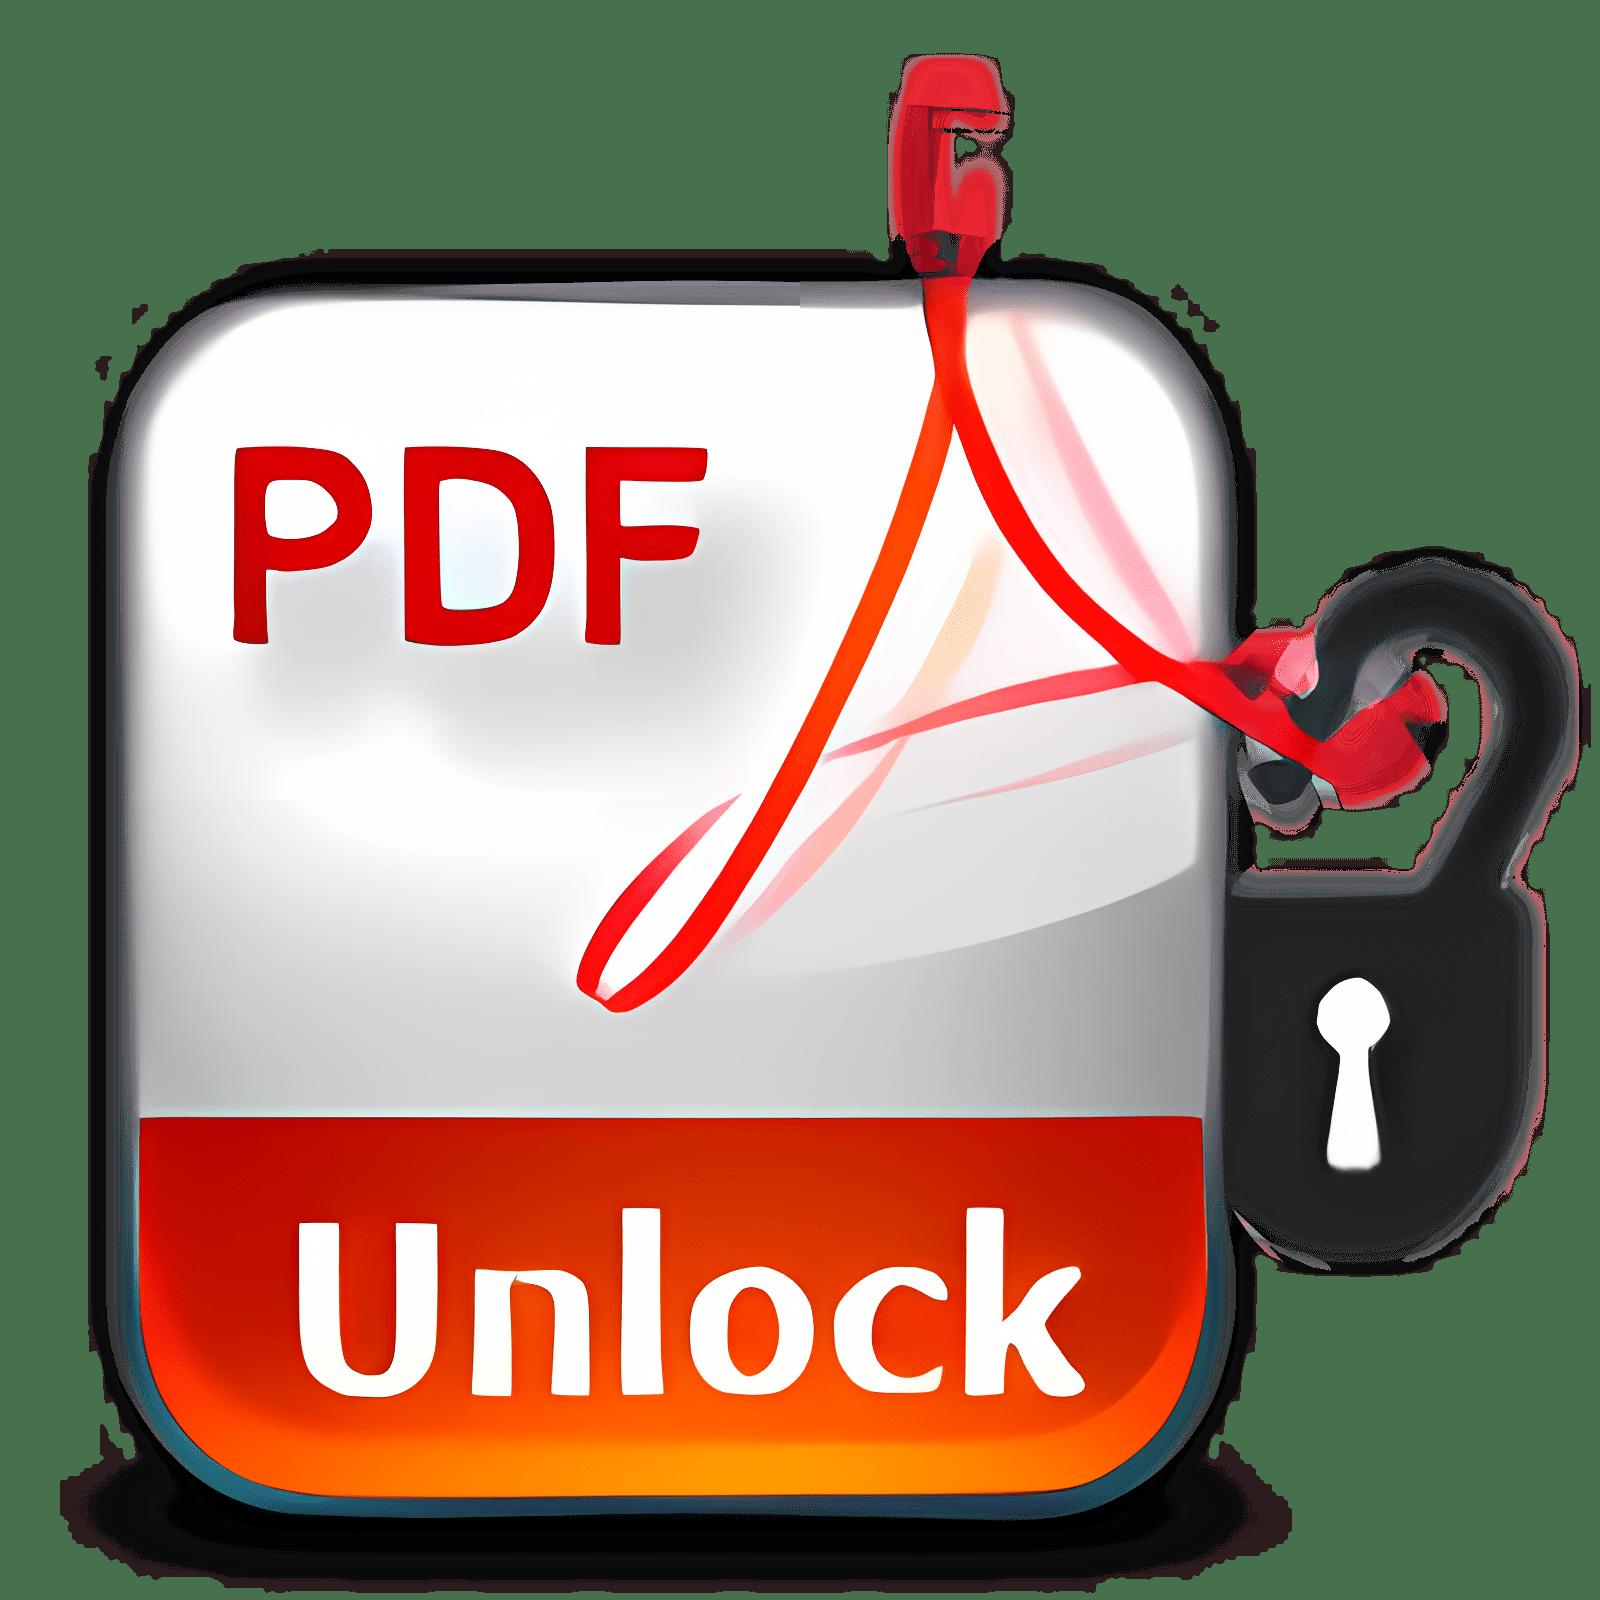 PDF Unlock Tool PDF Unlock Tool